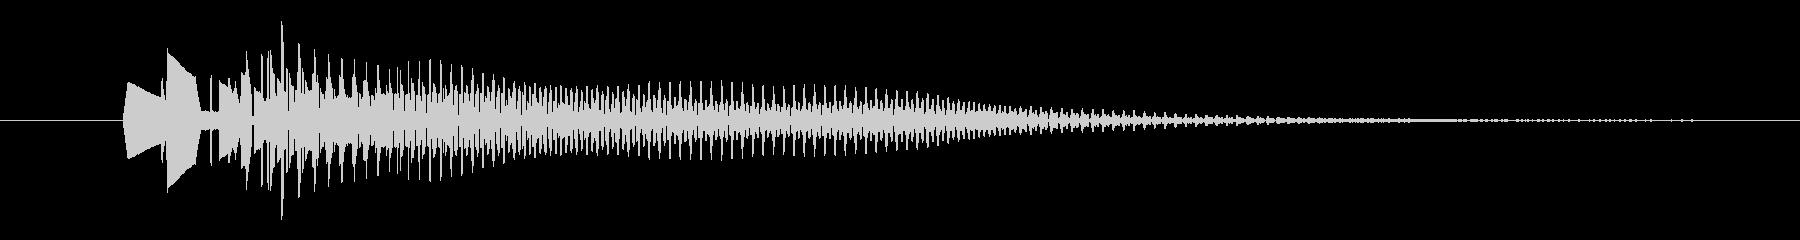 プオンッ。 デジタル音。の未再生の波形